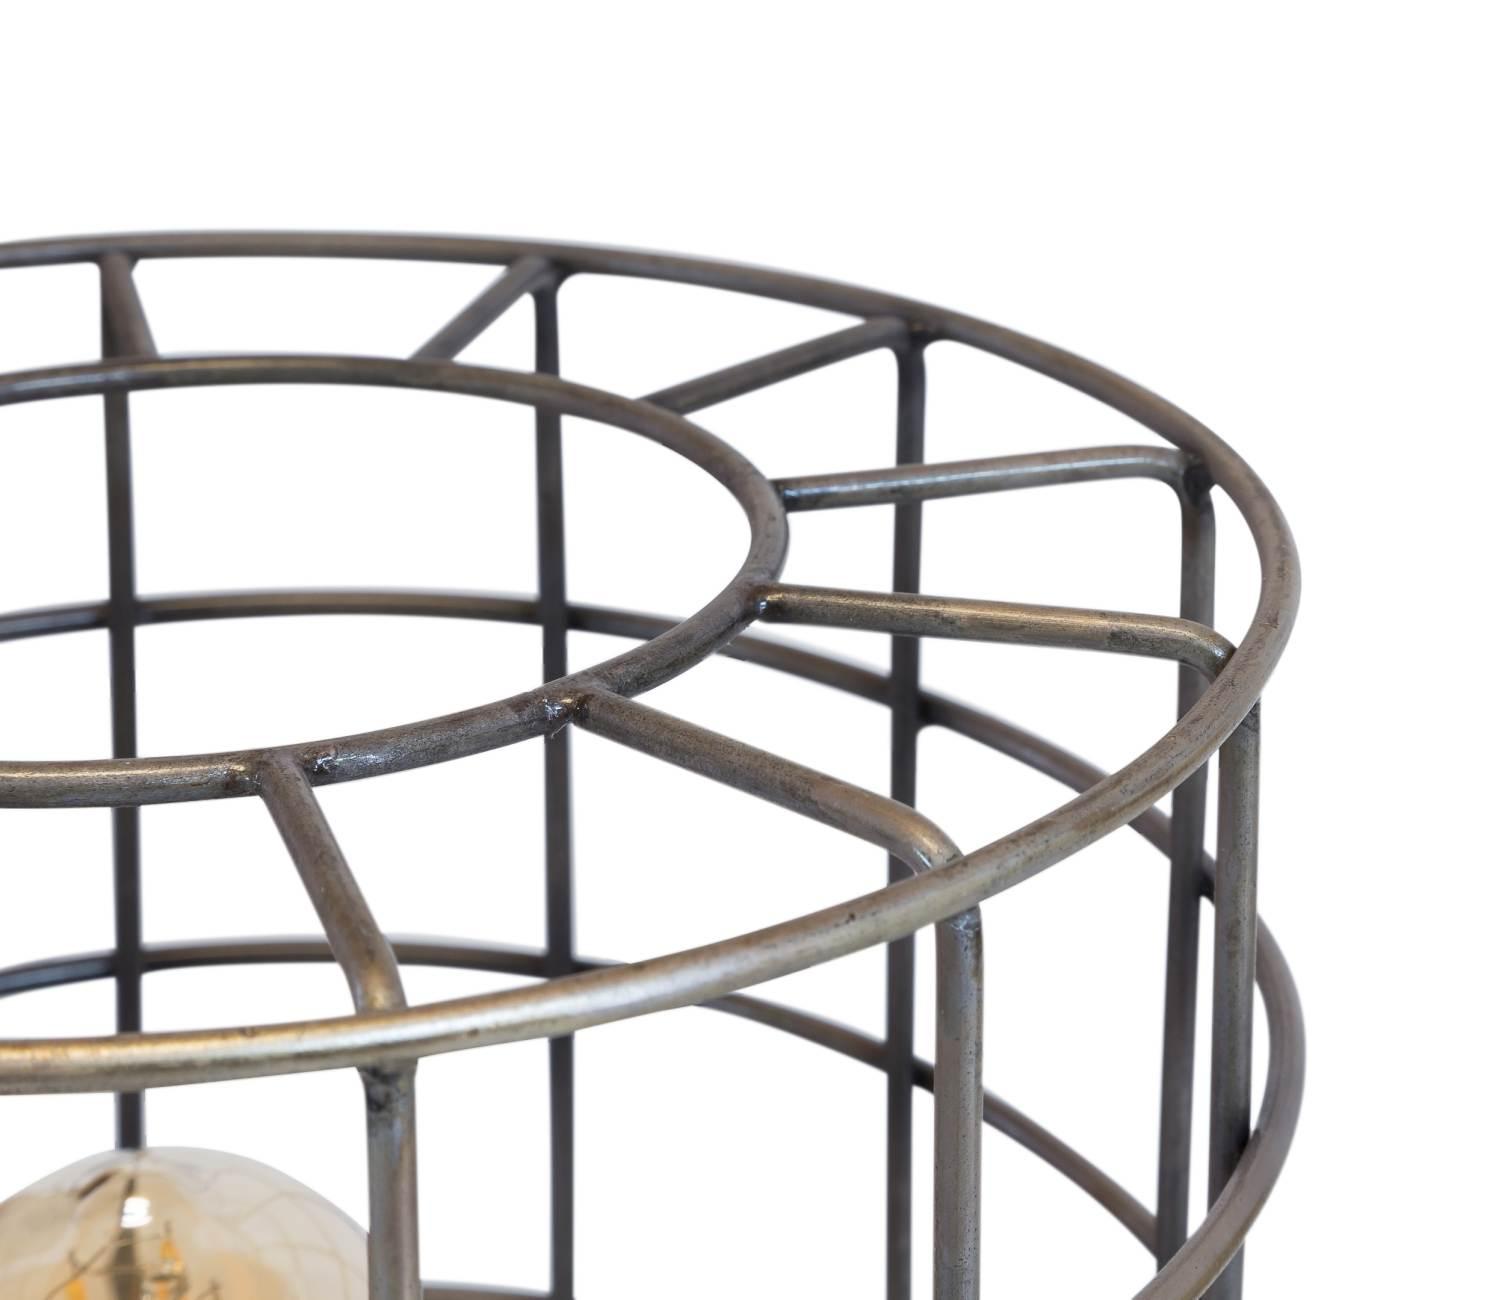 stehleuchte derk tripod bodenleuchte im silber antik look. Black Bedroom Furniture Sets. Home Design Ideas